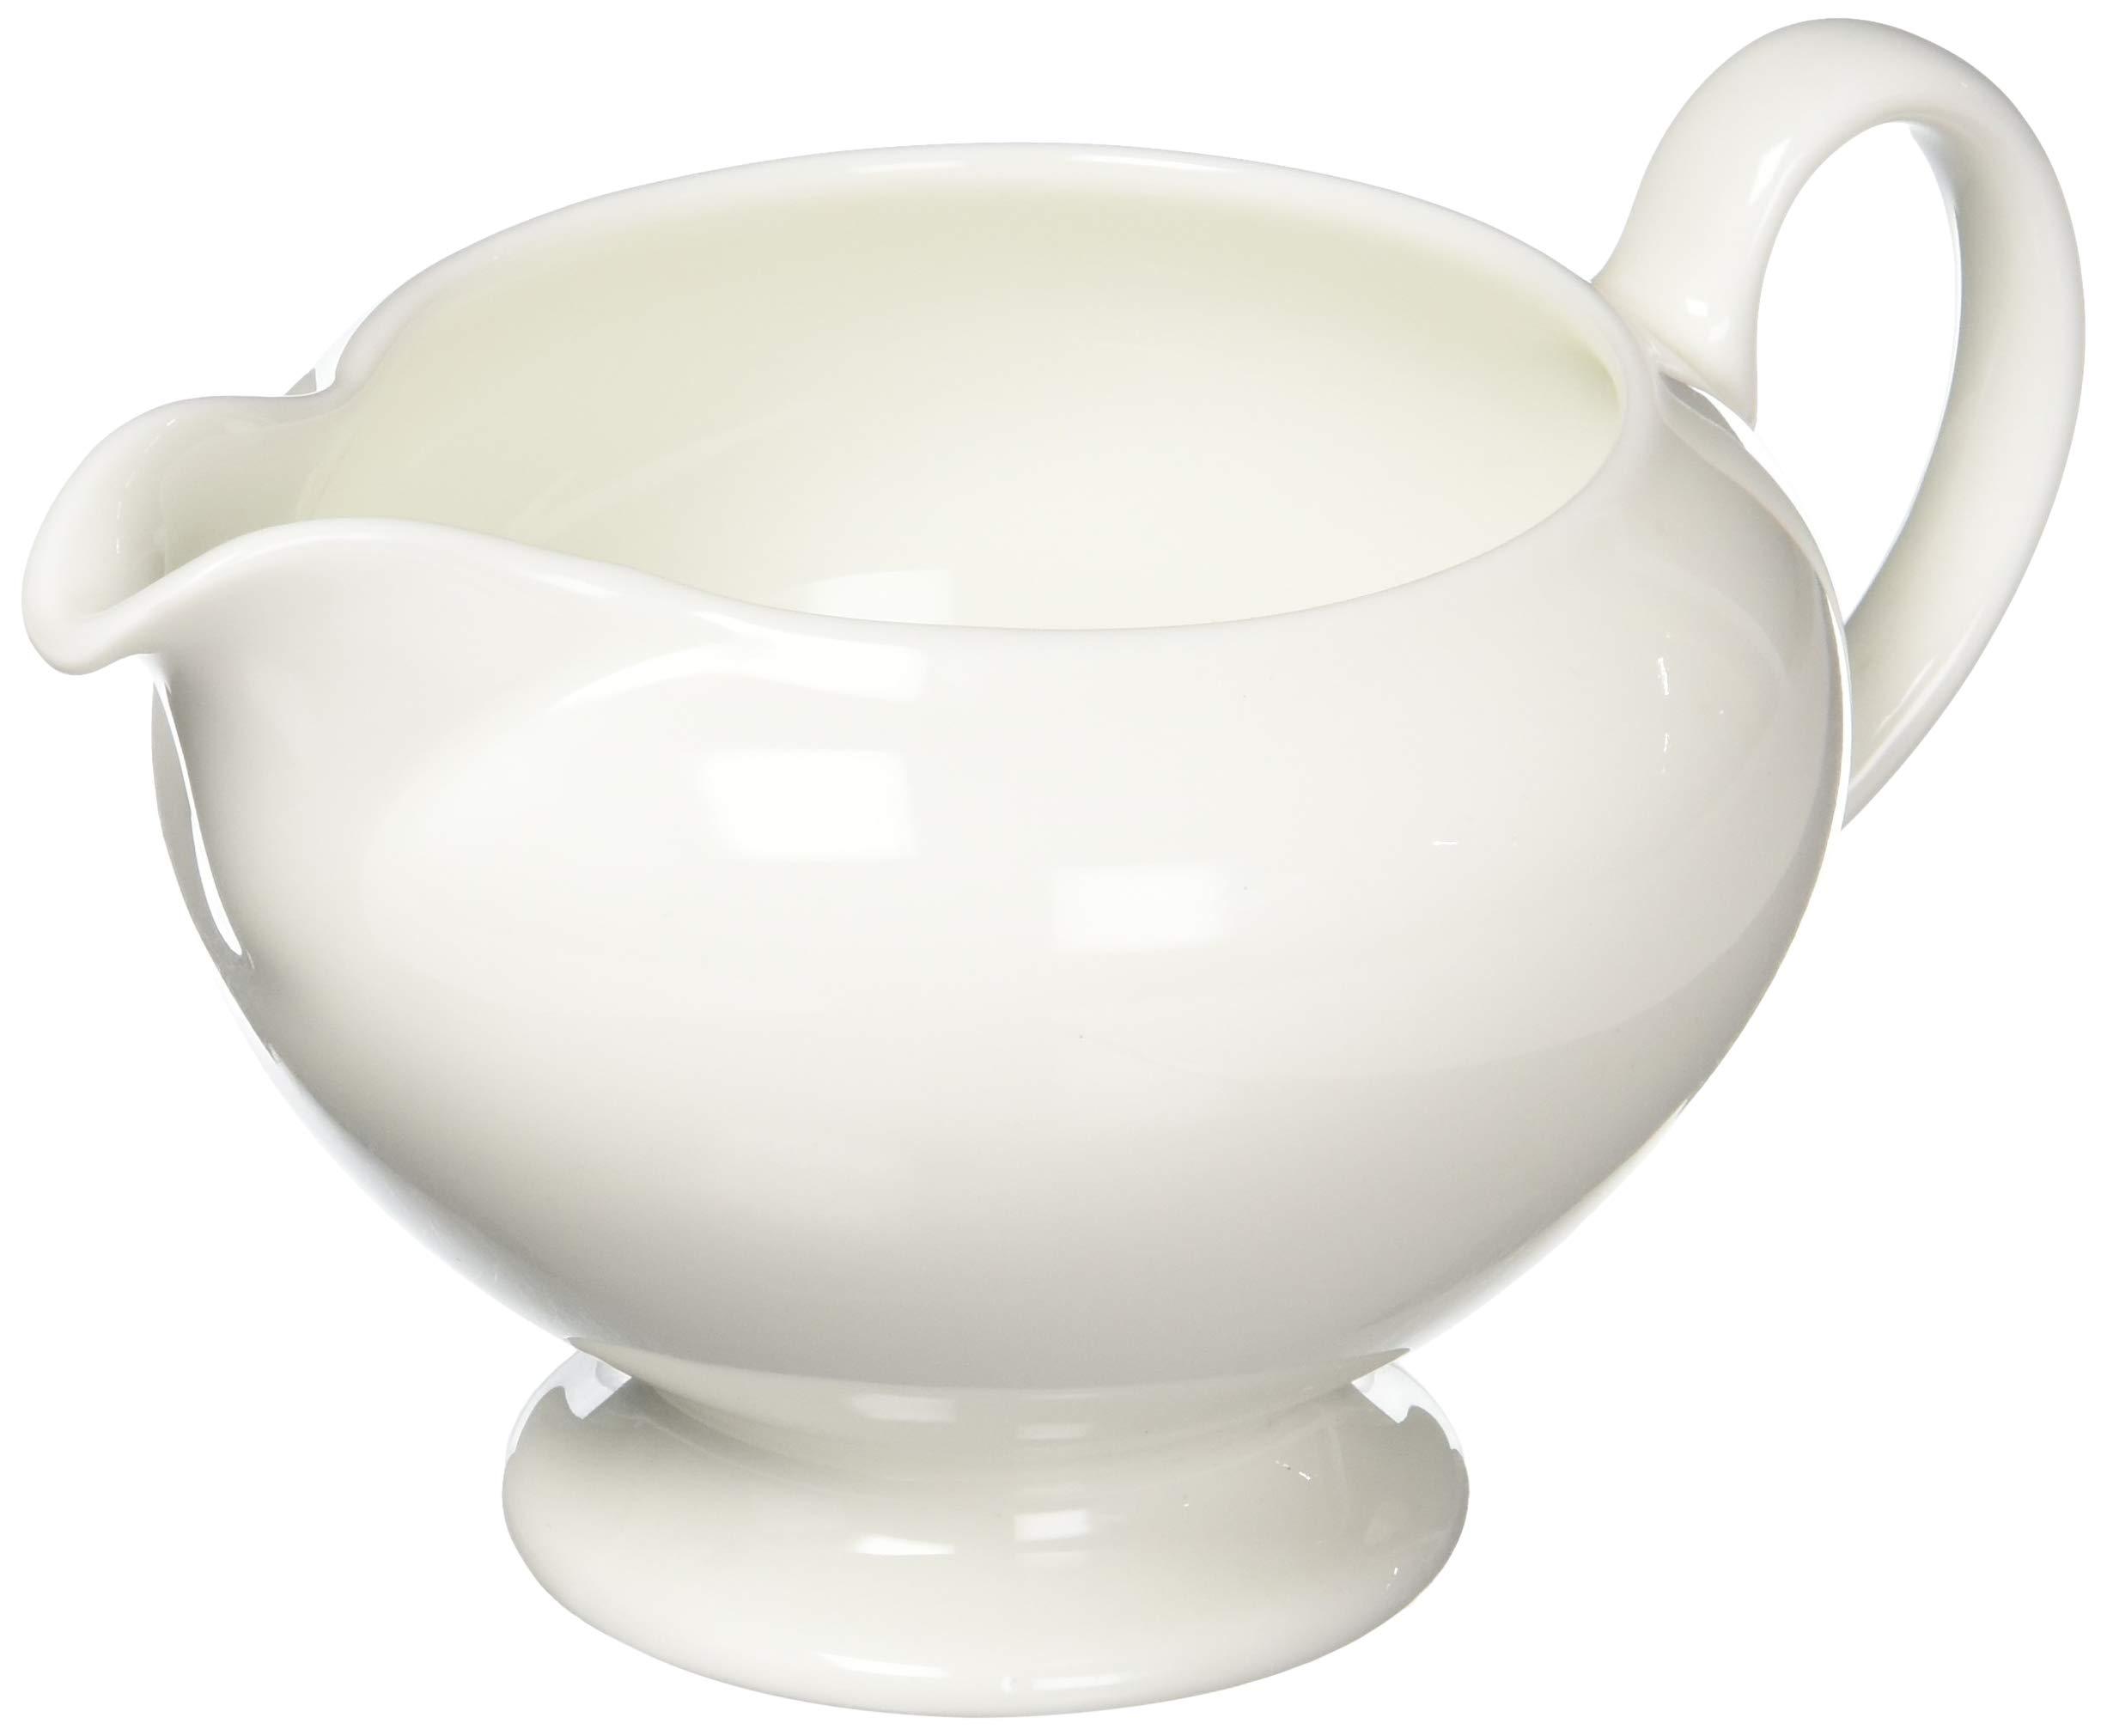 Wedgwood Wedgwood White Creamer Leigh